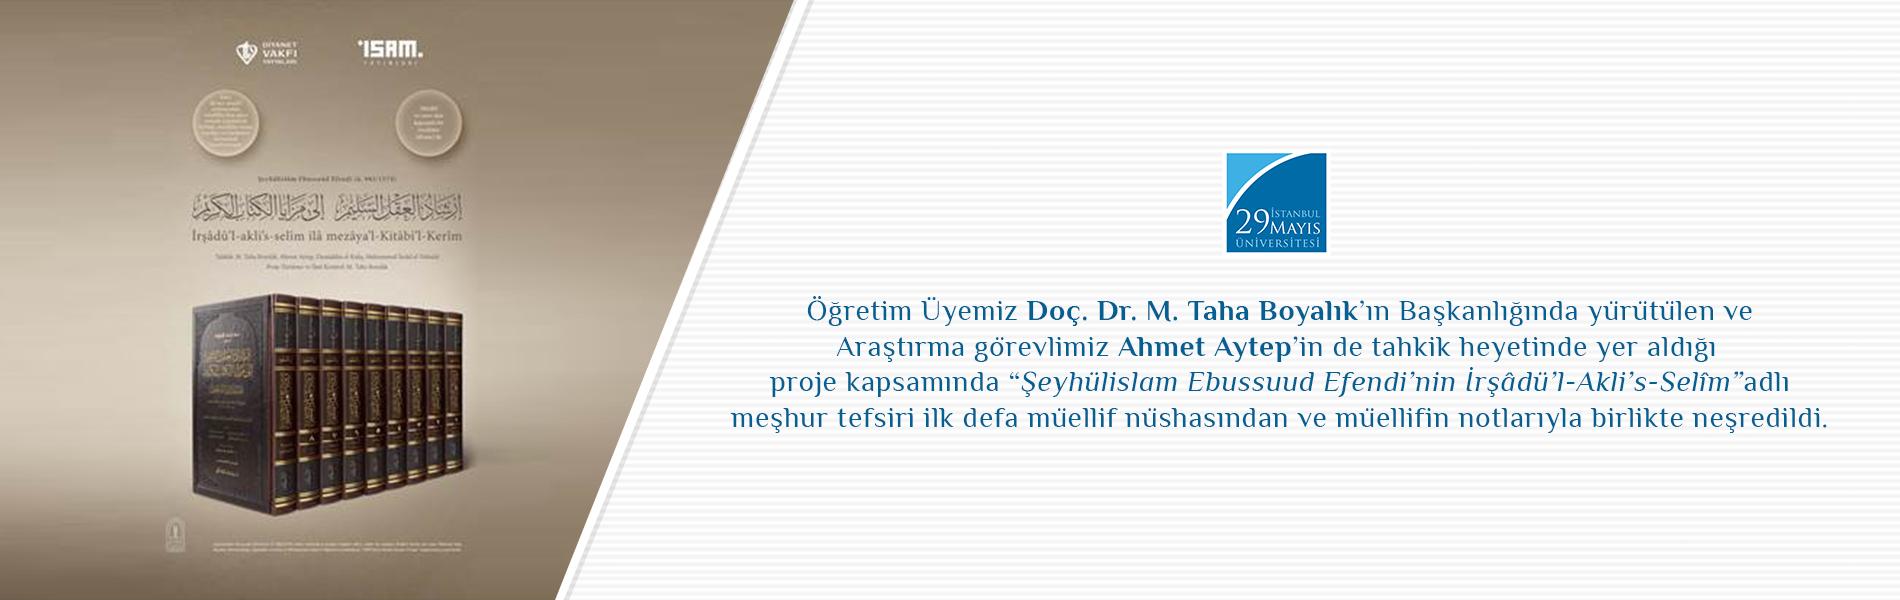 Doç. Dr. M. Taha Boyalık'ın Başkanlığında Yürütülen ve Arş. Gör. Ahmet Aytep'in de Tahkik Heyetinde Yer Aldığı Proje Kapsamında Şeyhülislam Ebussuud Efendi'nin İrşâdü'l-Akli's-Selîm 9 Cilt Olarak Neşredildi